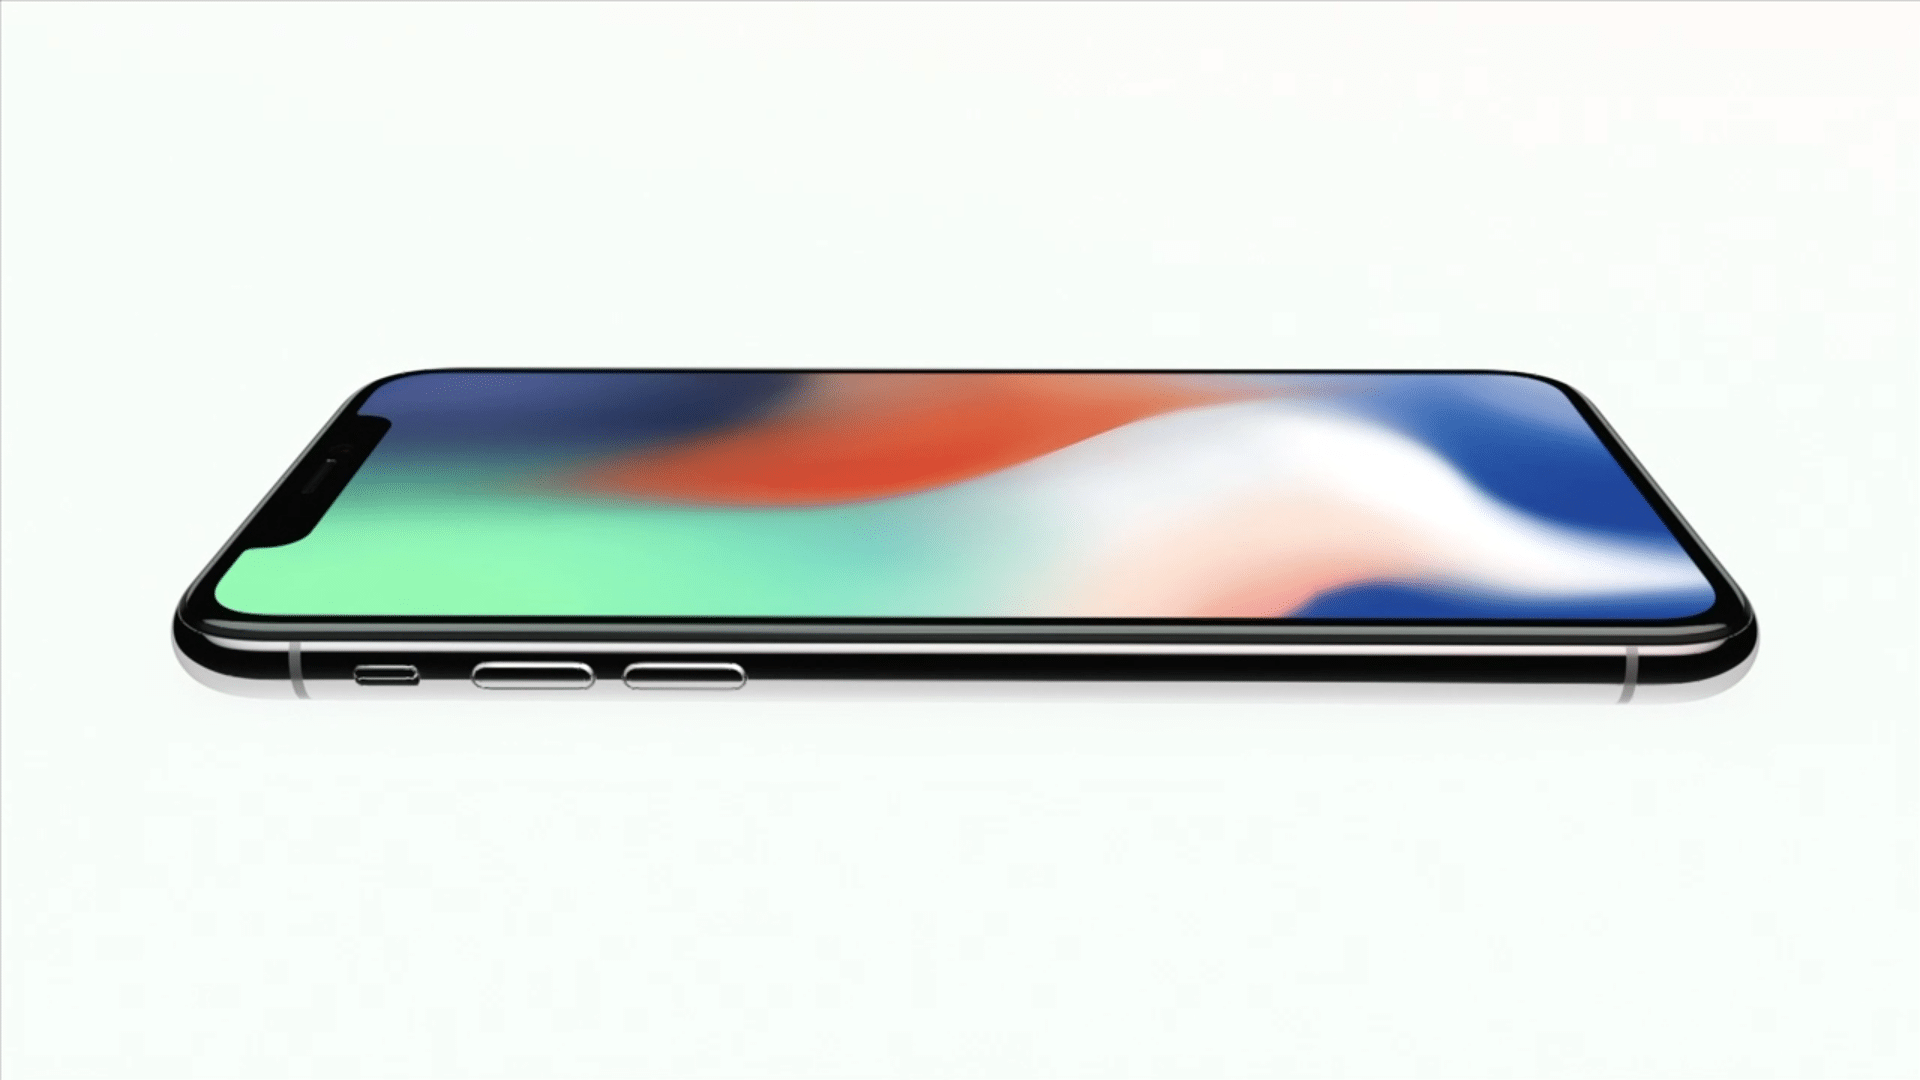 Bild von iPhone 8 und iPhone X vorgestellt – das können die neuen Flaggschiffe